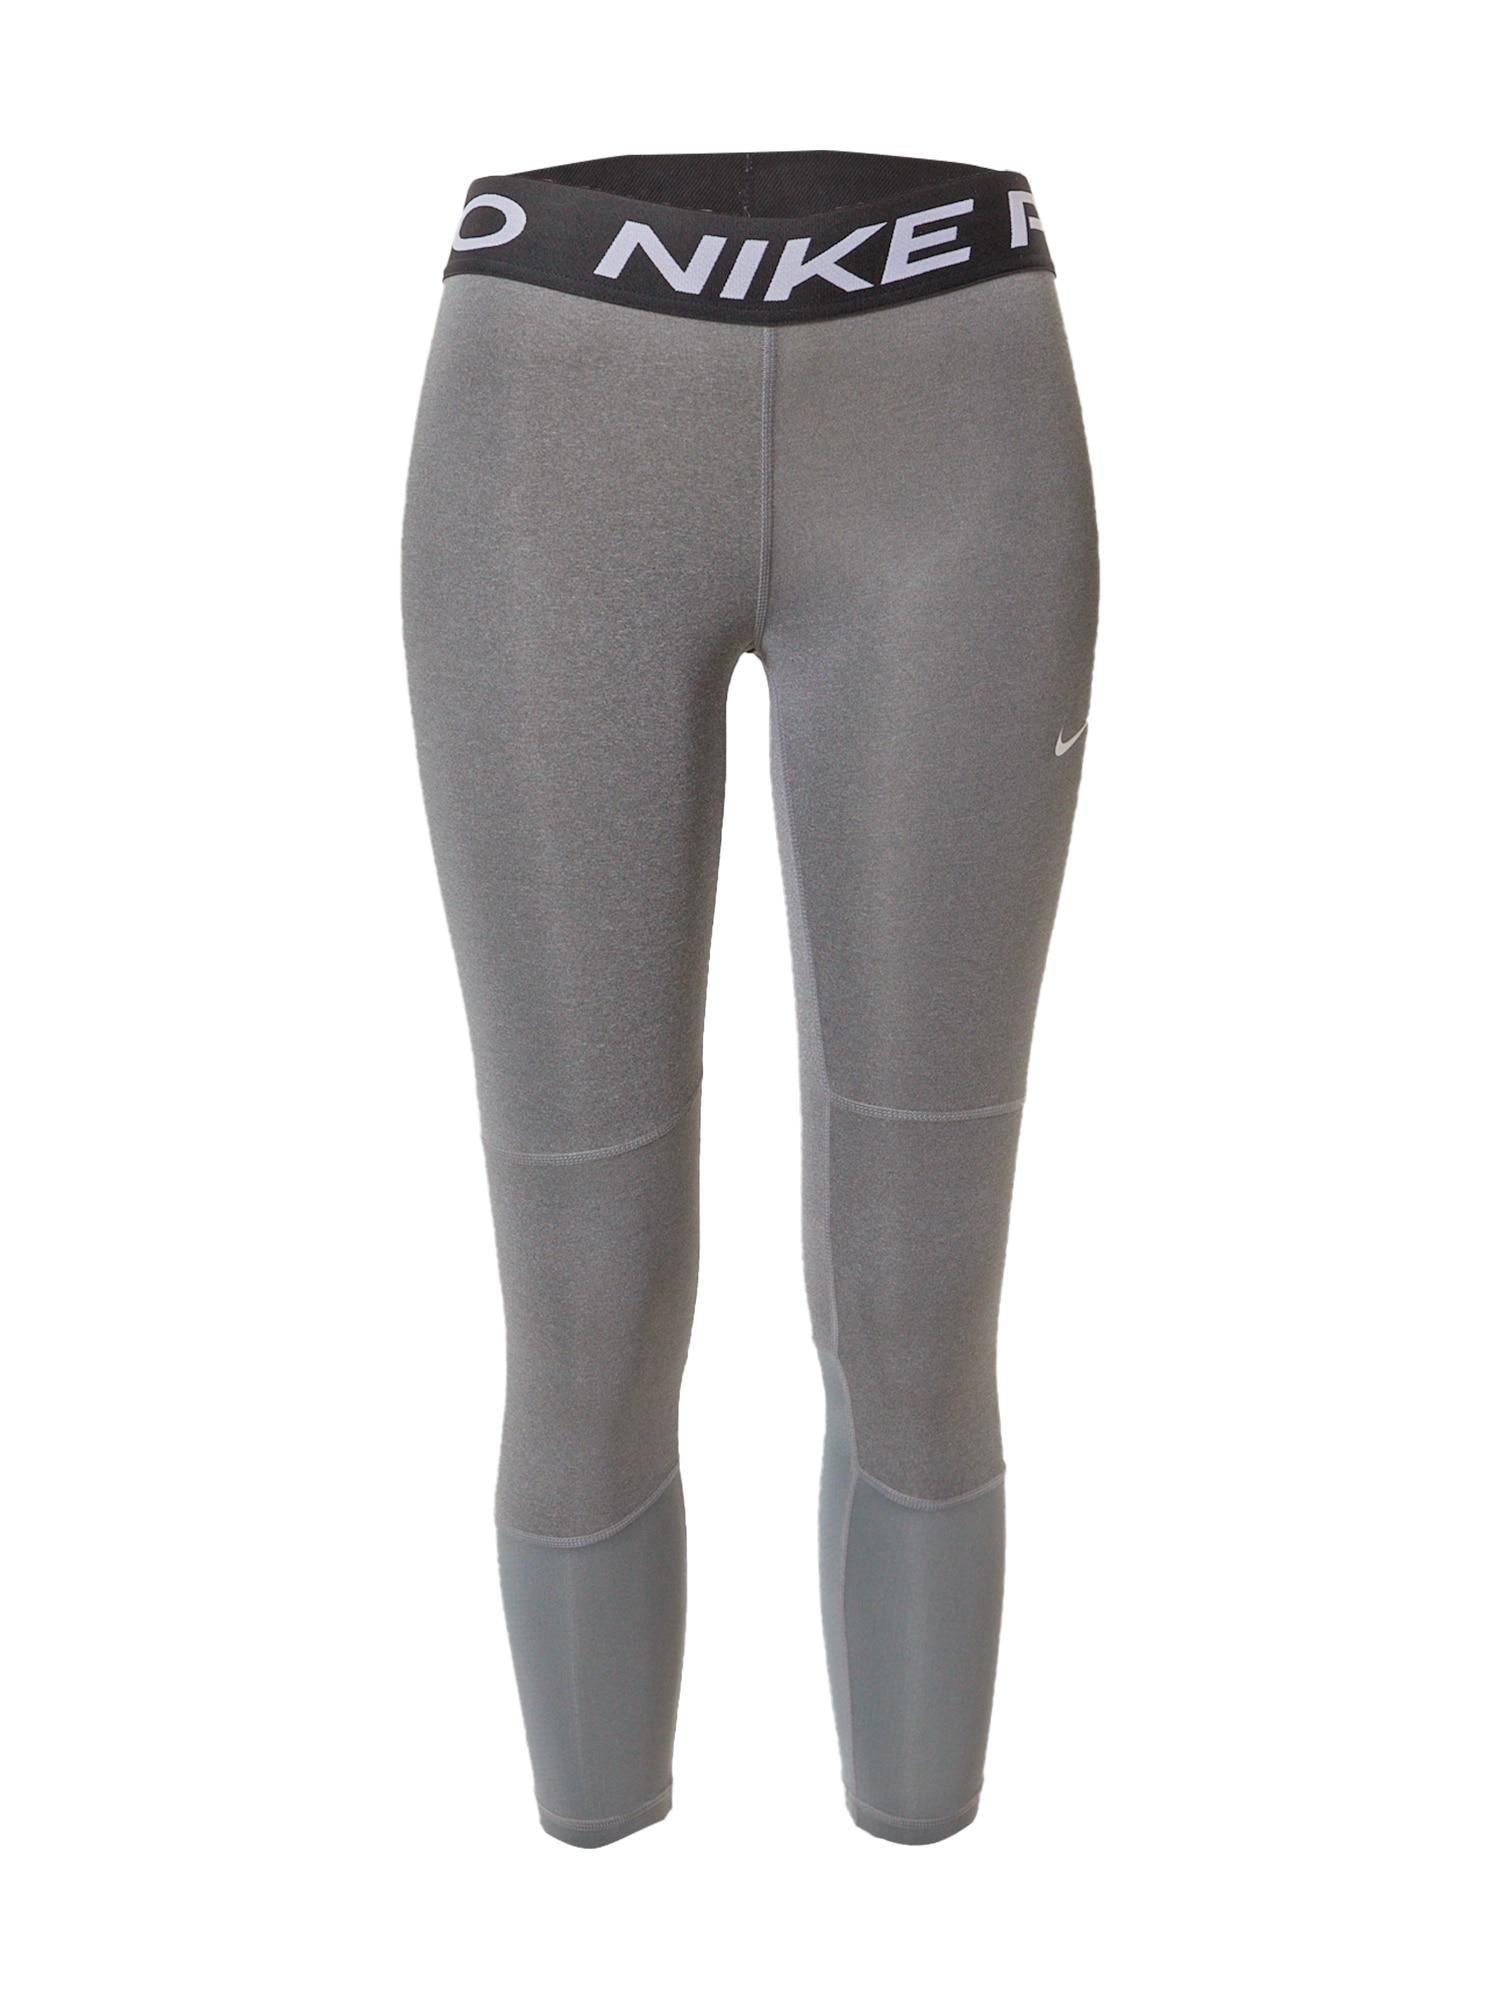 NIKE Sportinės kelnės šviesiai pilka / juoda